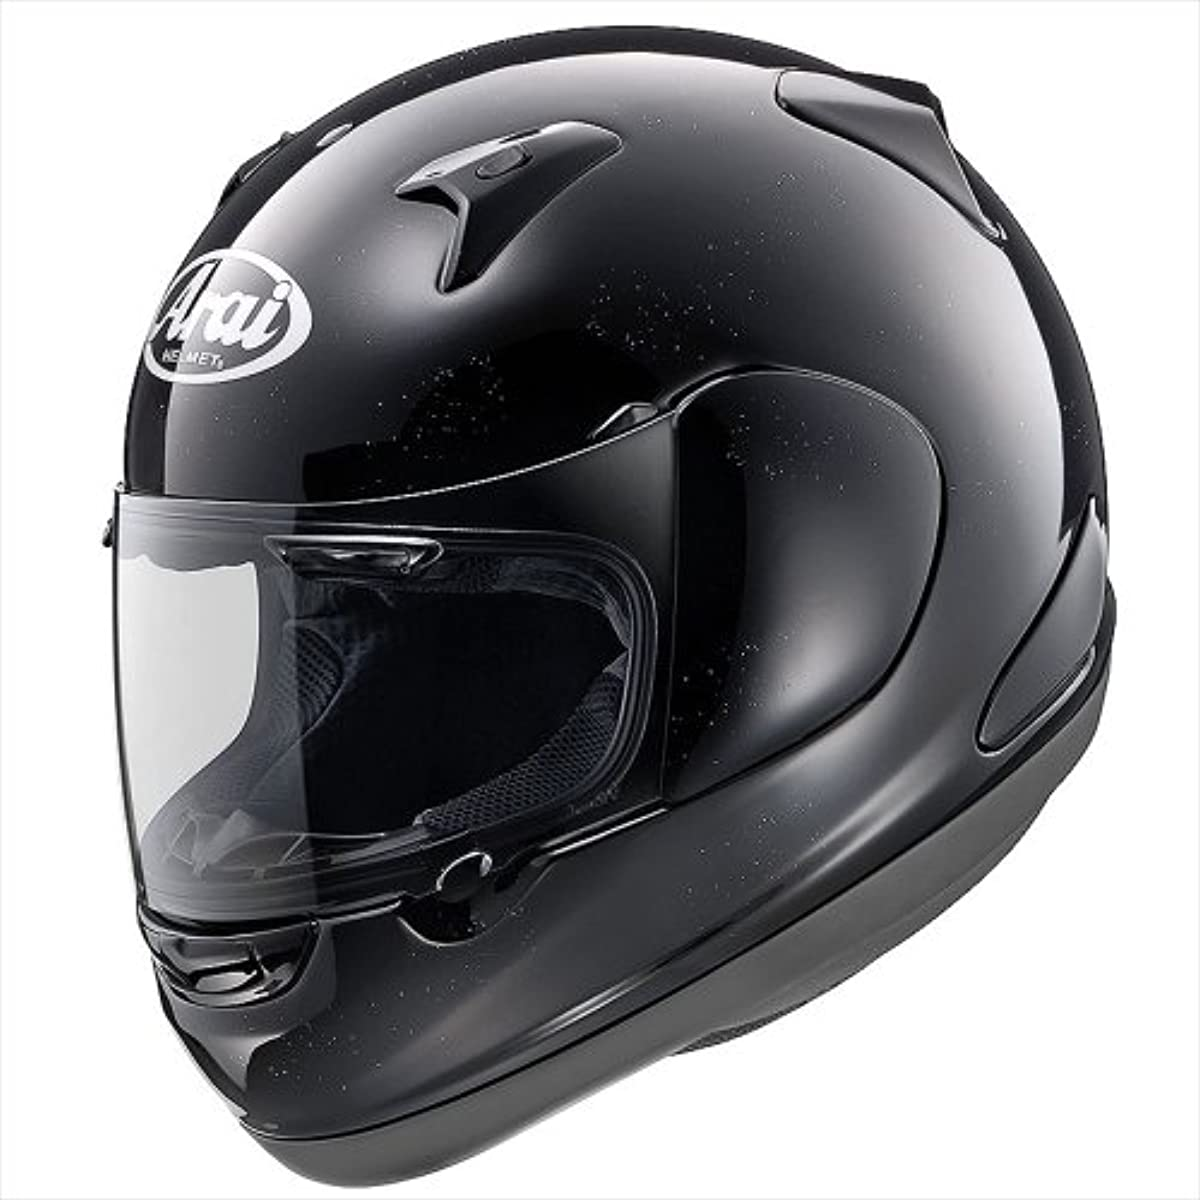 [해외] 아라이 오토바이 헬멧 풀 페이스 ASTRO-IQ 글래스 블랙 XO 65-66CM